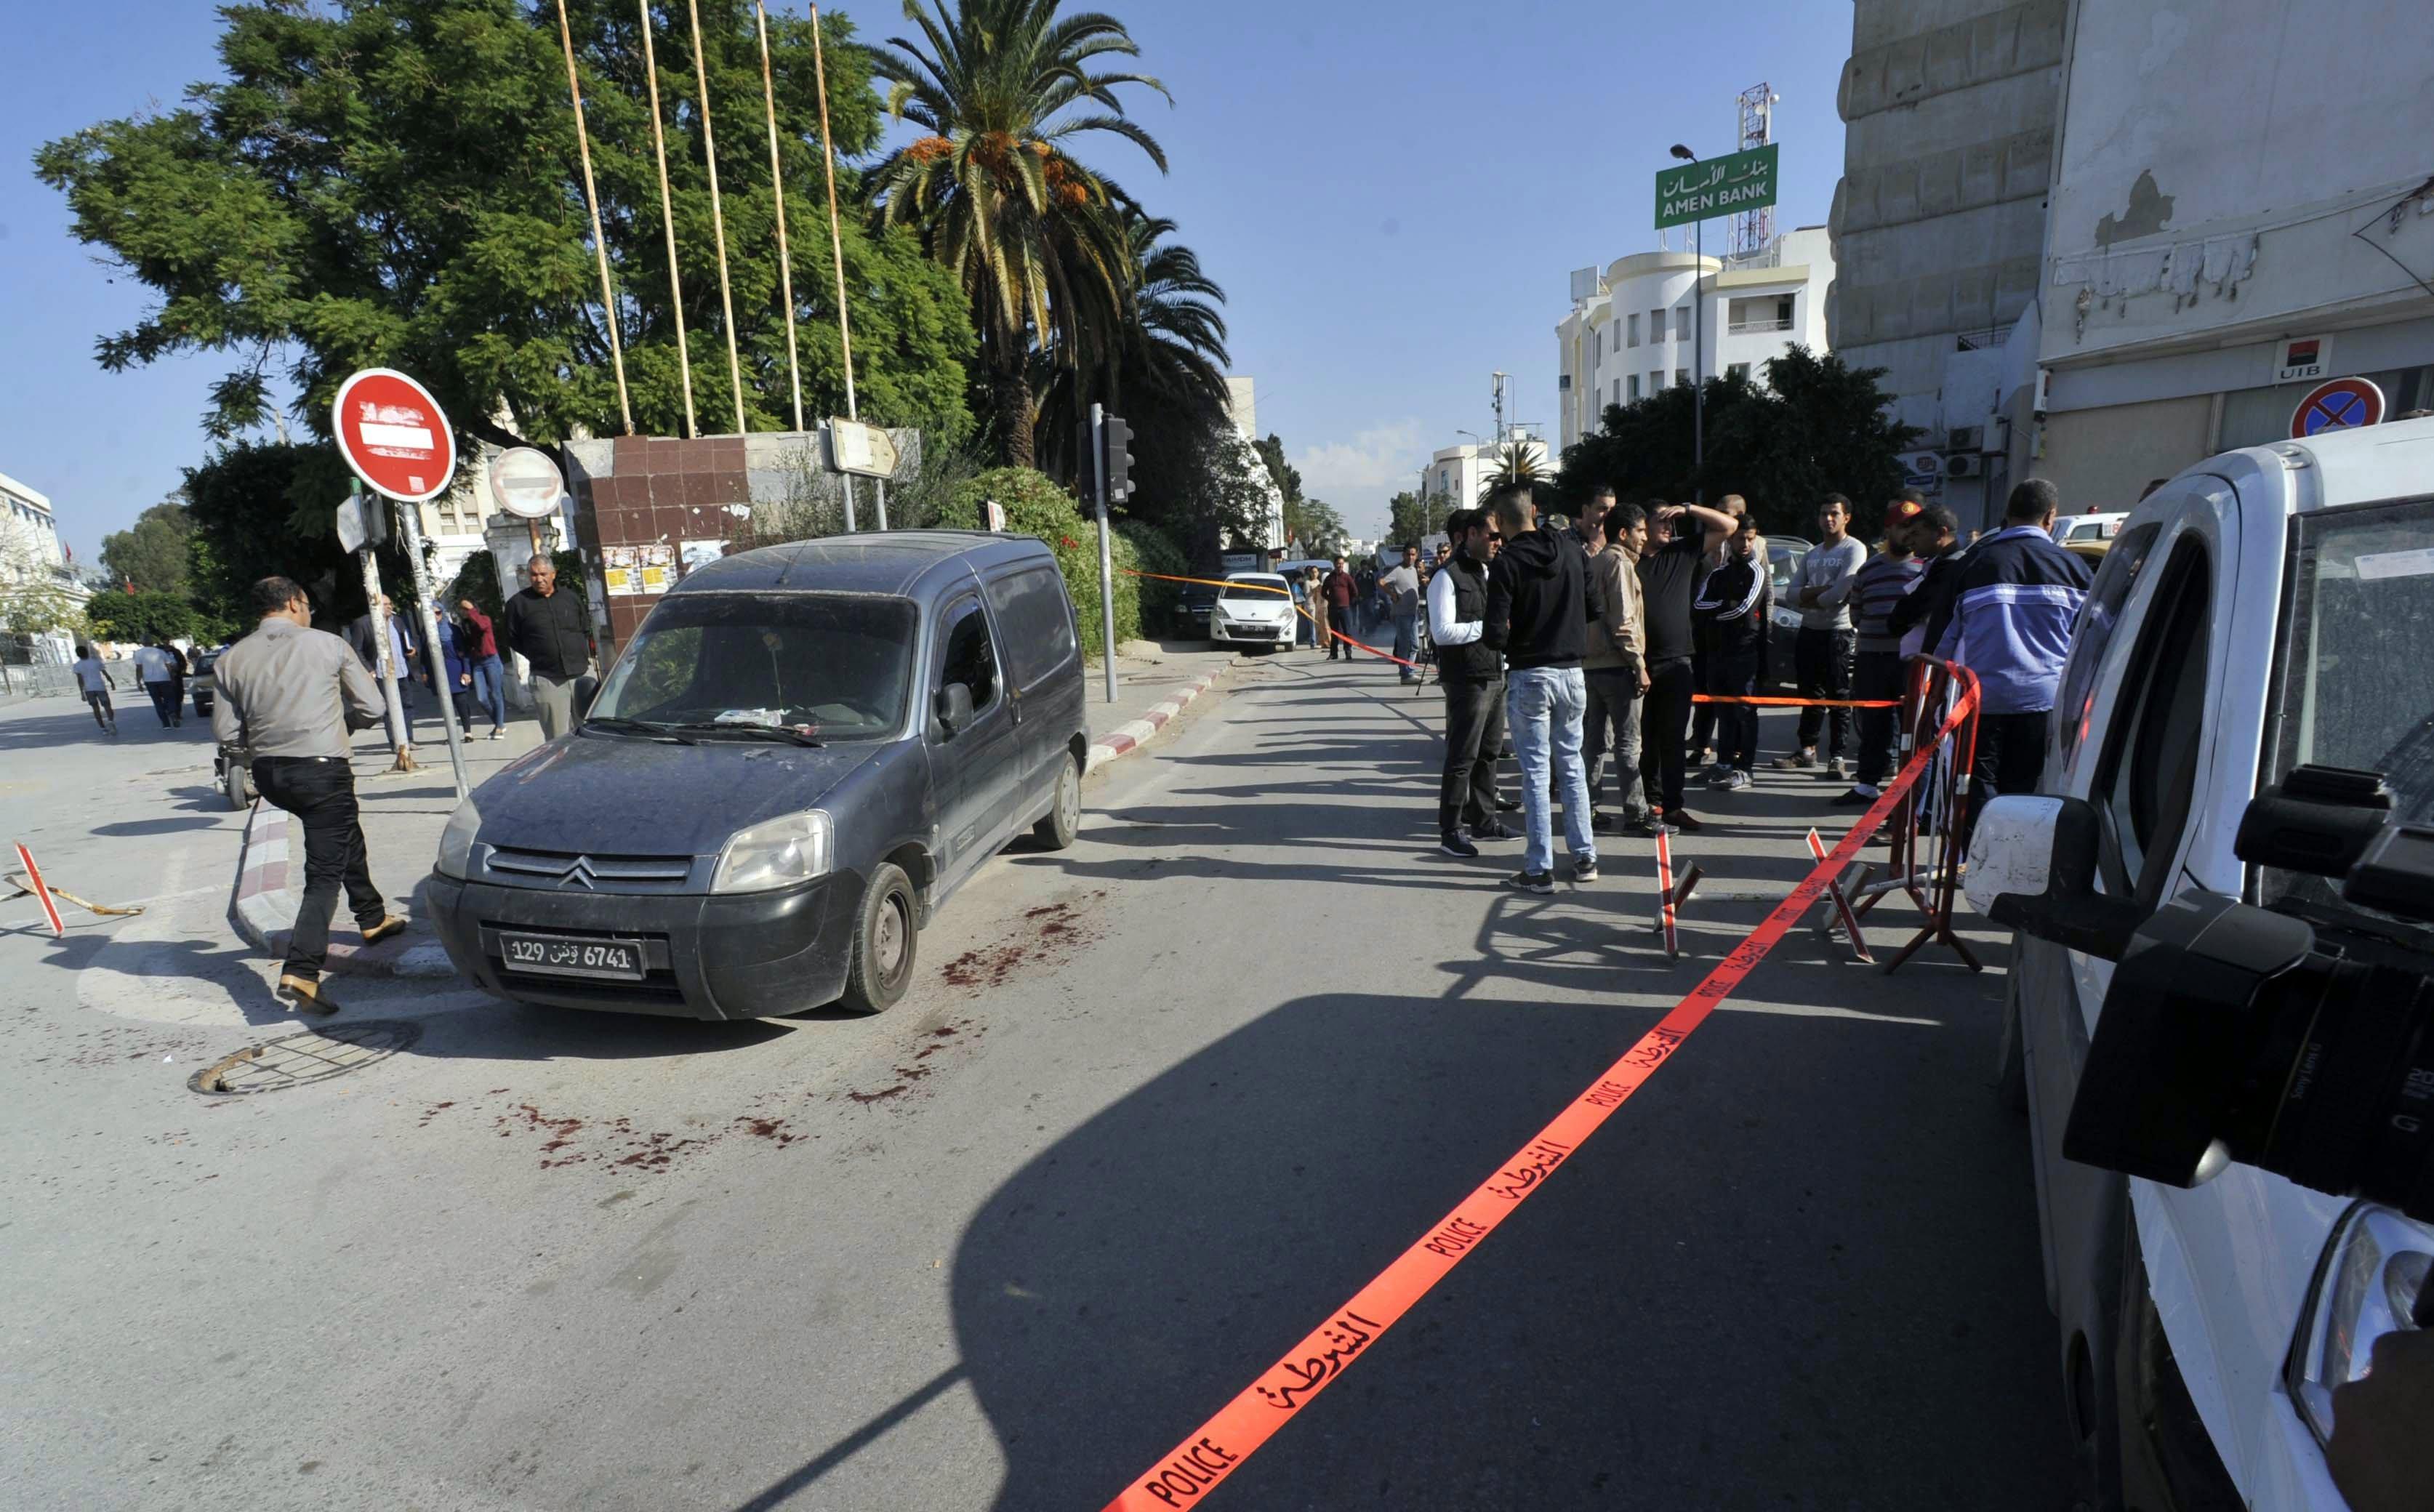 Ferits dos policies en un suposat atac jihadista a Tunísia. /STR